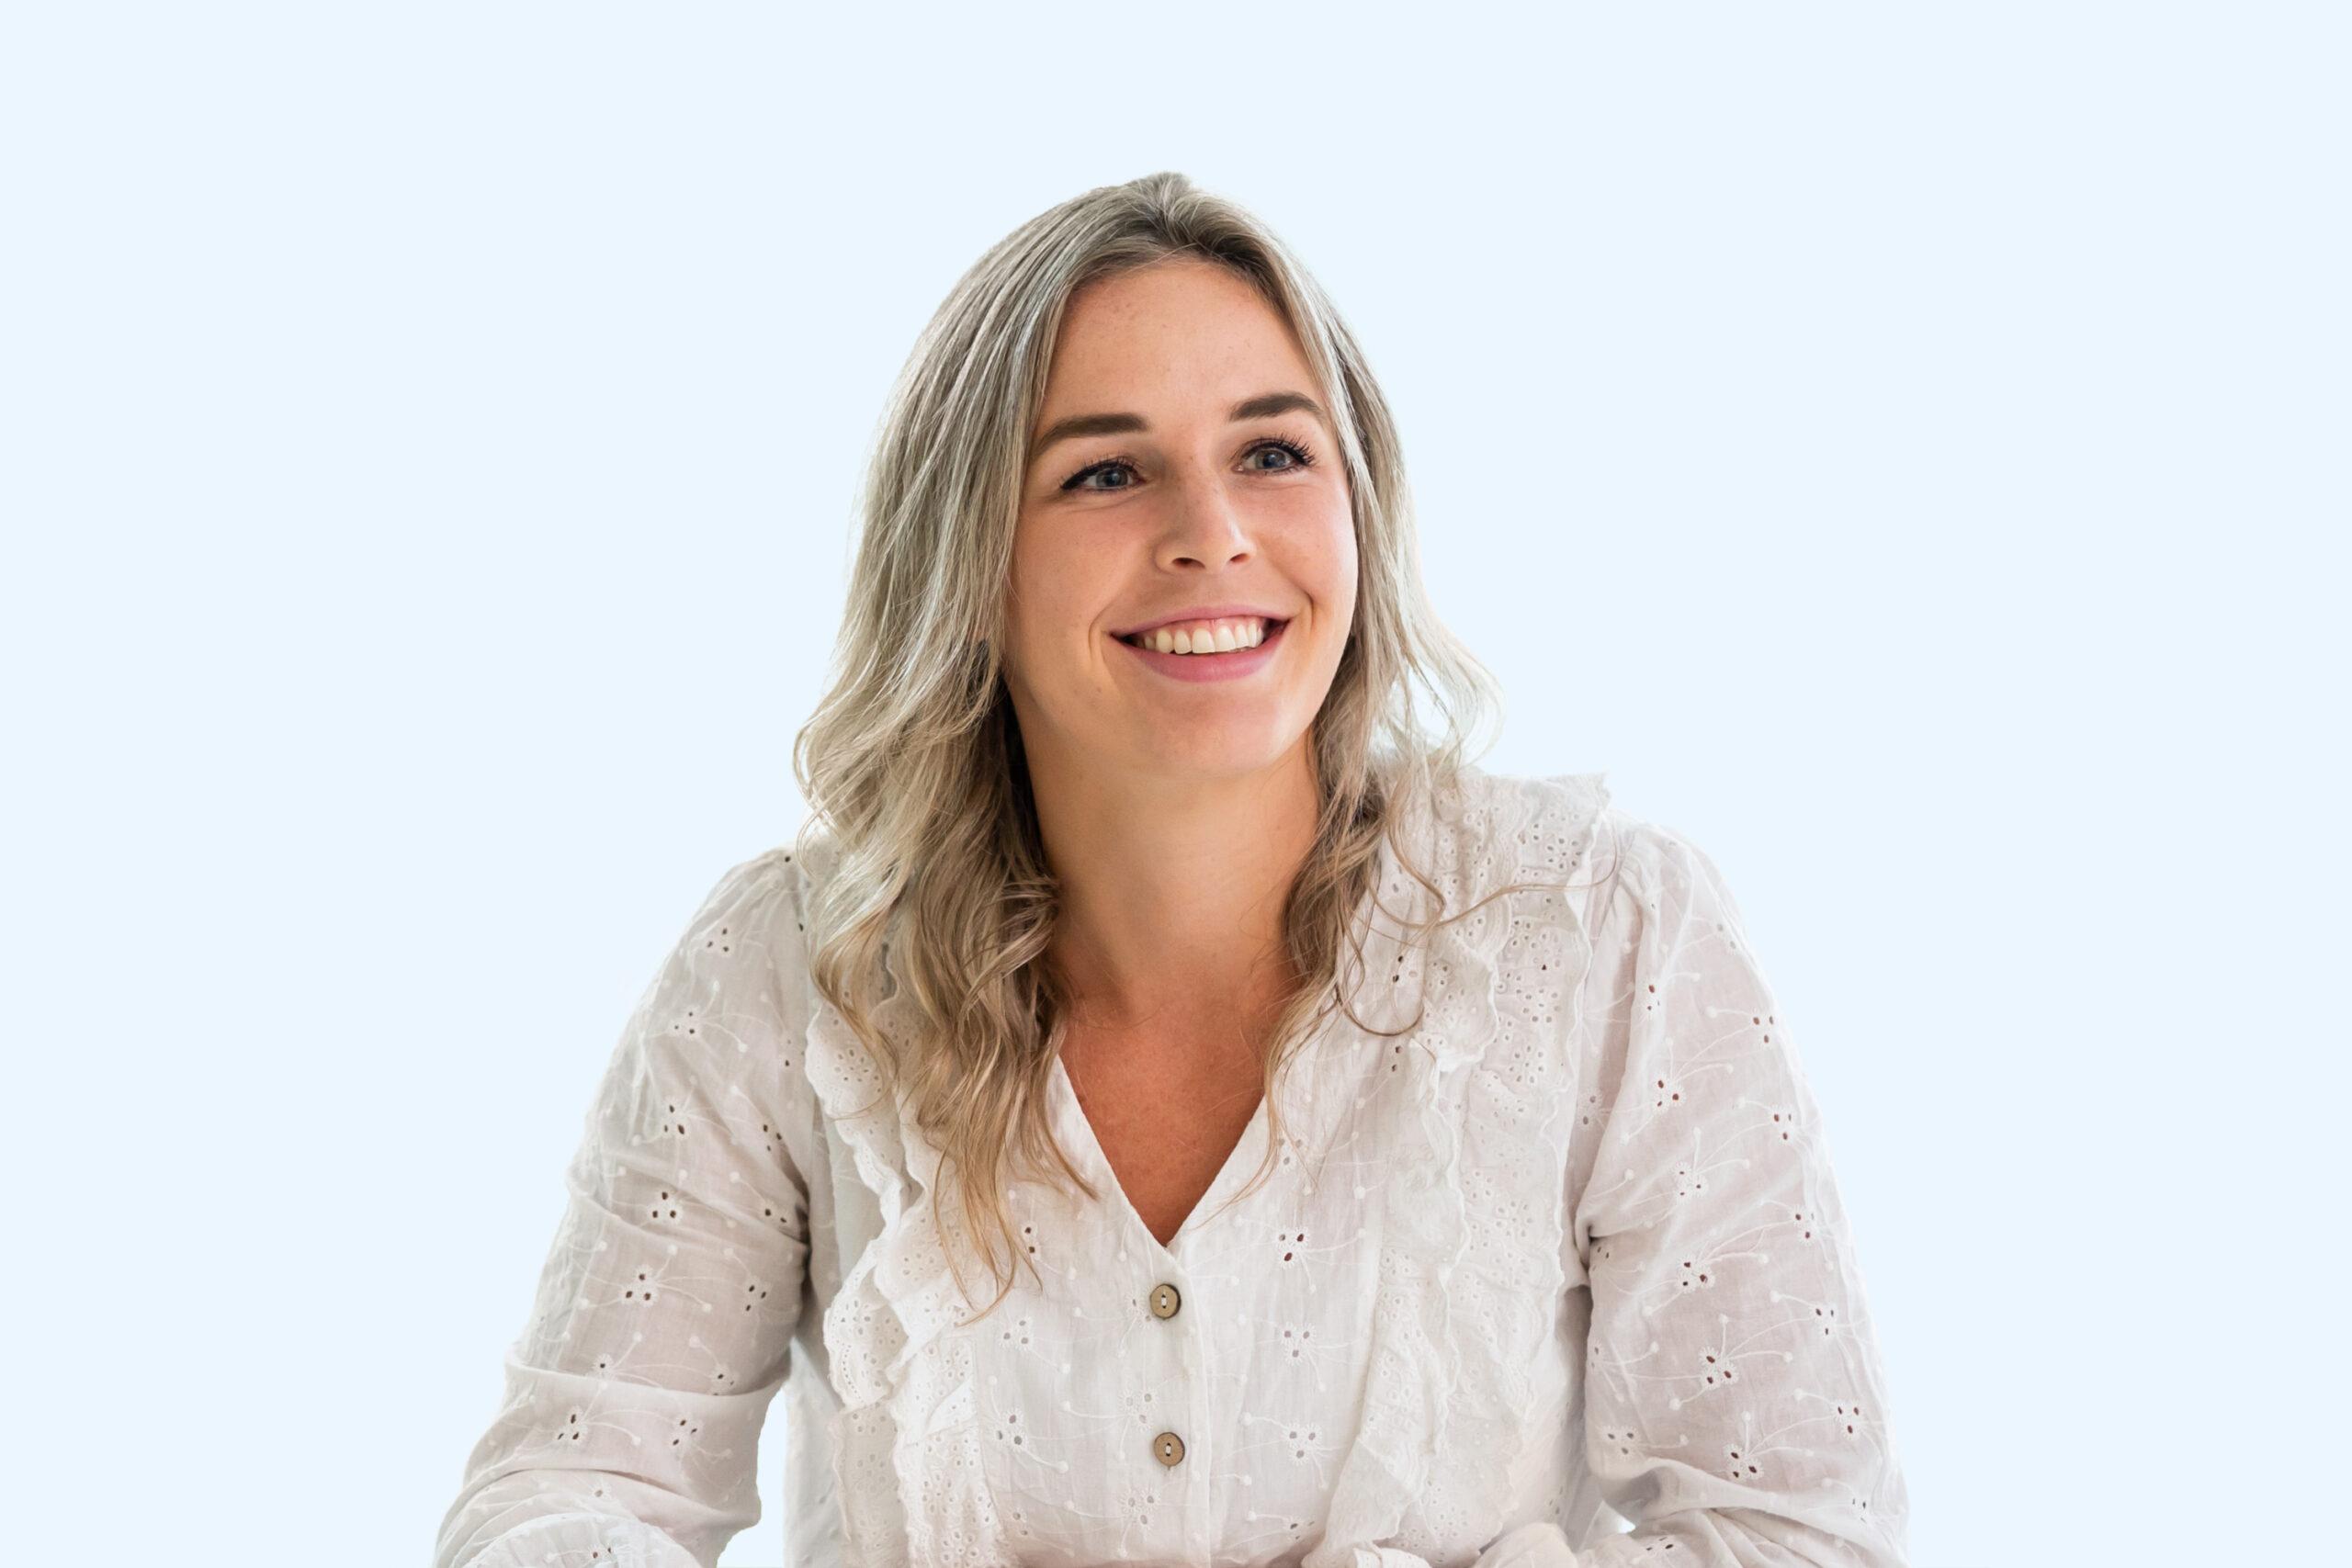 Eline Timmermans